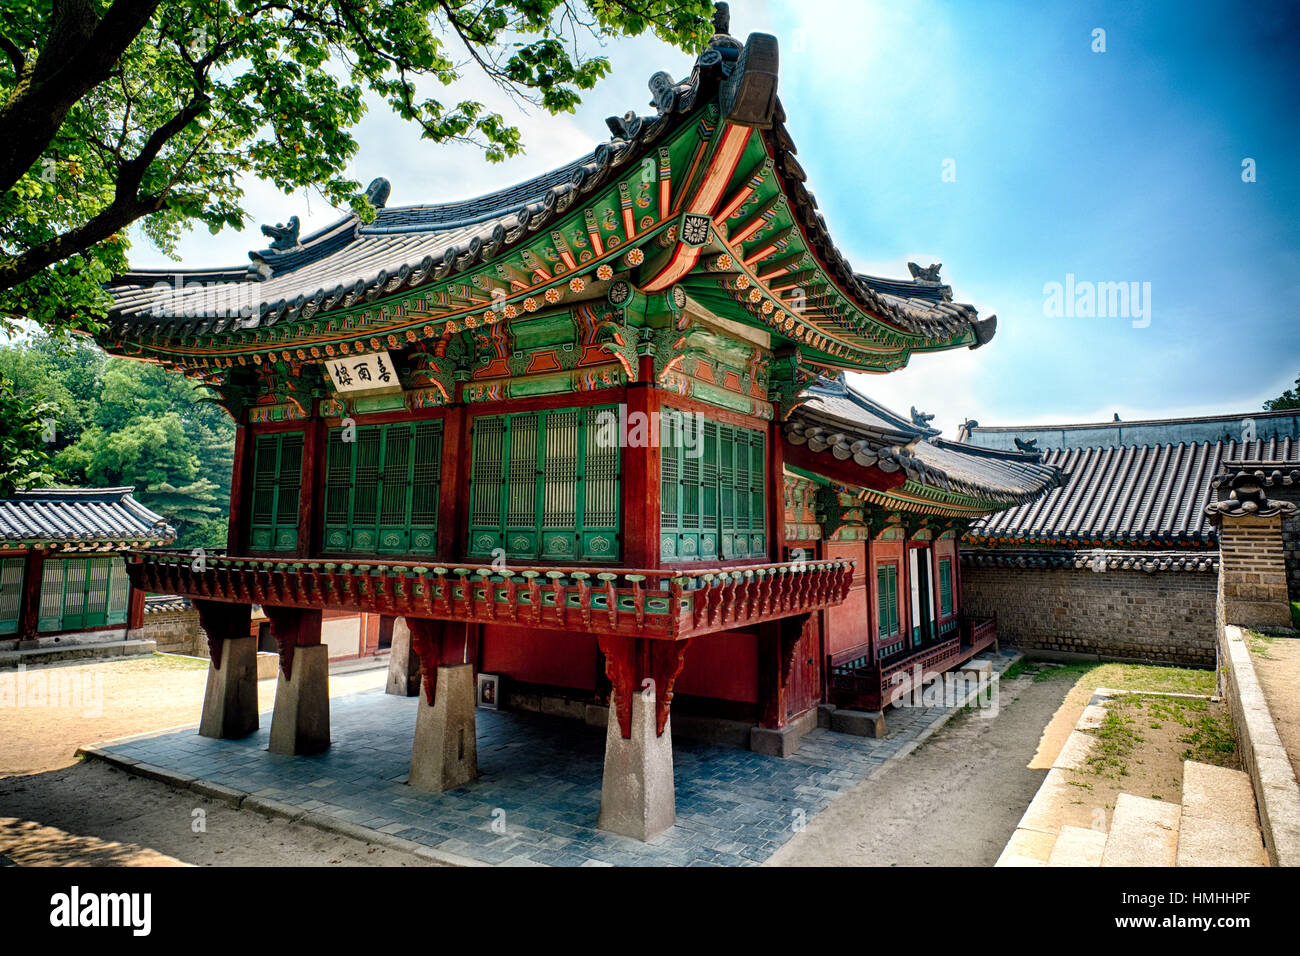 Des bâtiments traditionnels coréens dans le Palais Royal Changdeokgung, Seoul, Corée du Sud Photo Stock